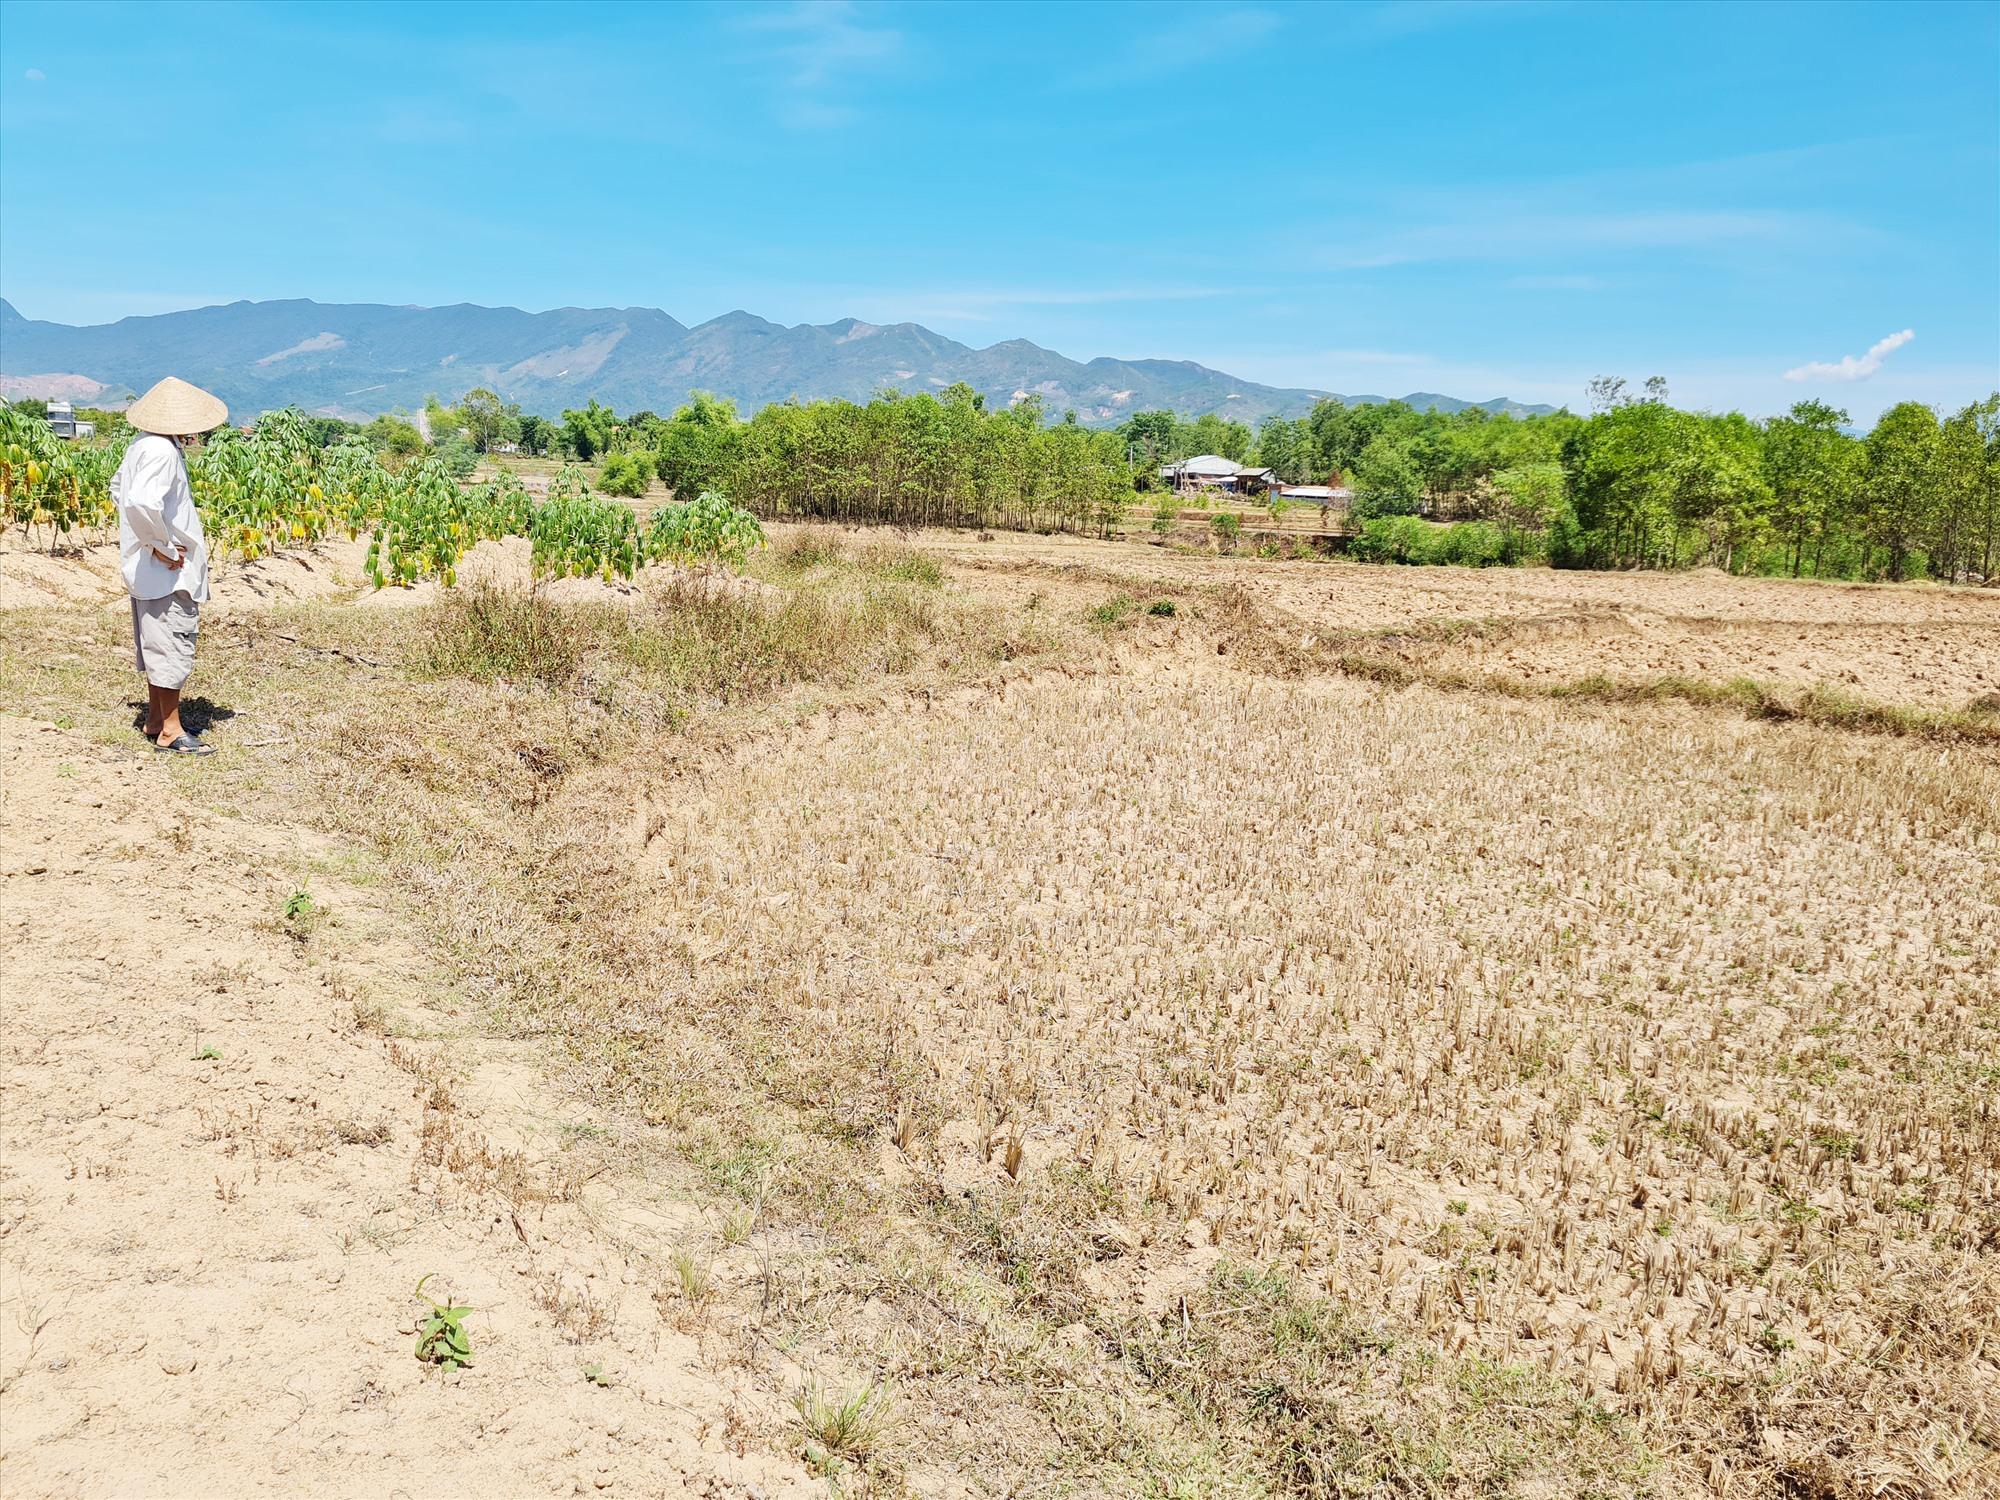 Cánh đồng sản xuất lúa thuộc đội 3, thôn Tập Phước (xã Đại Chánh) bị khô hạn, chưa có nước để kịp gieo sạ. Ảnh: H.L